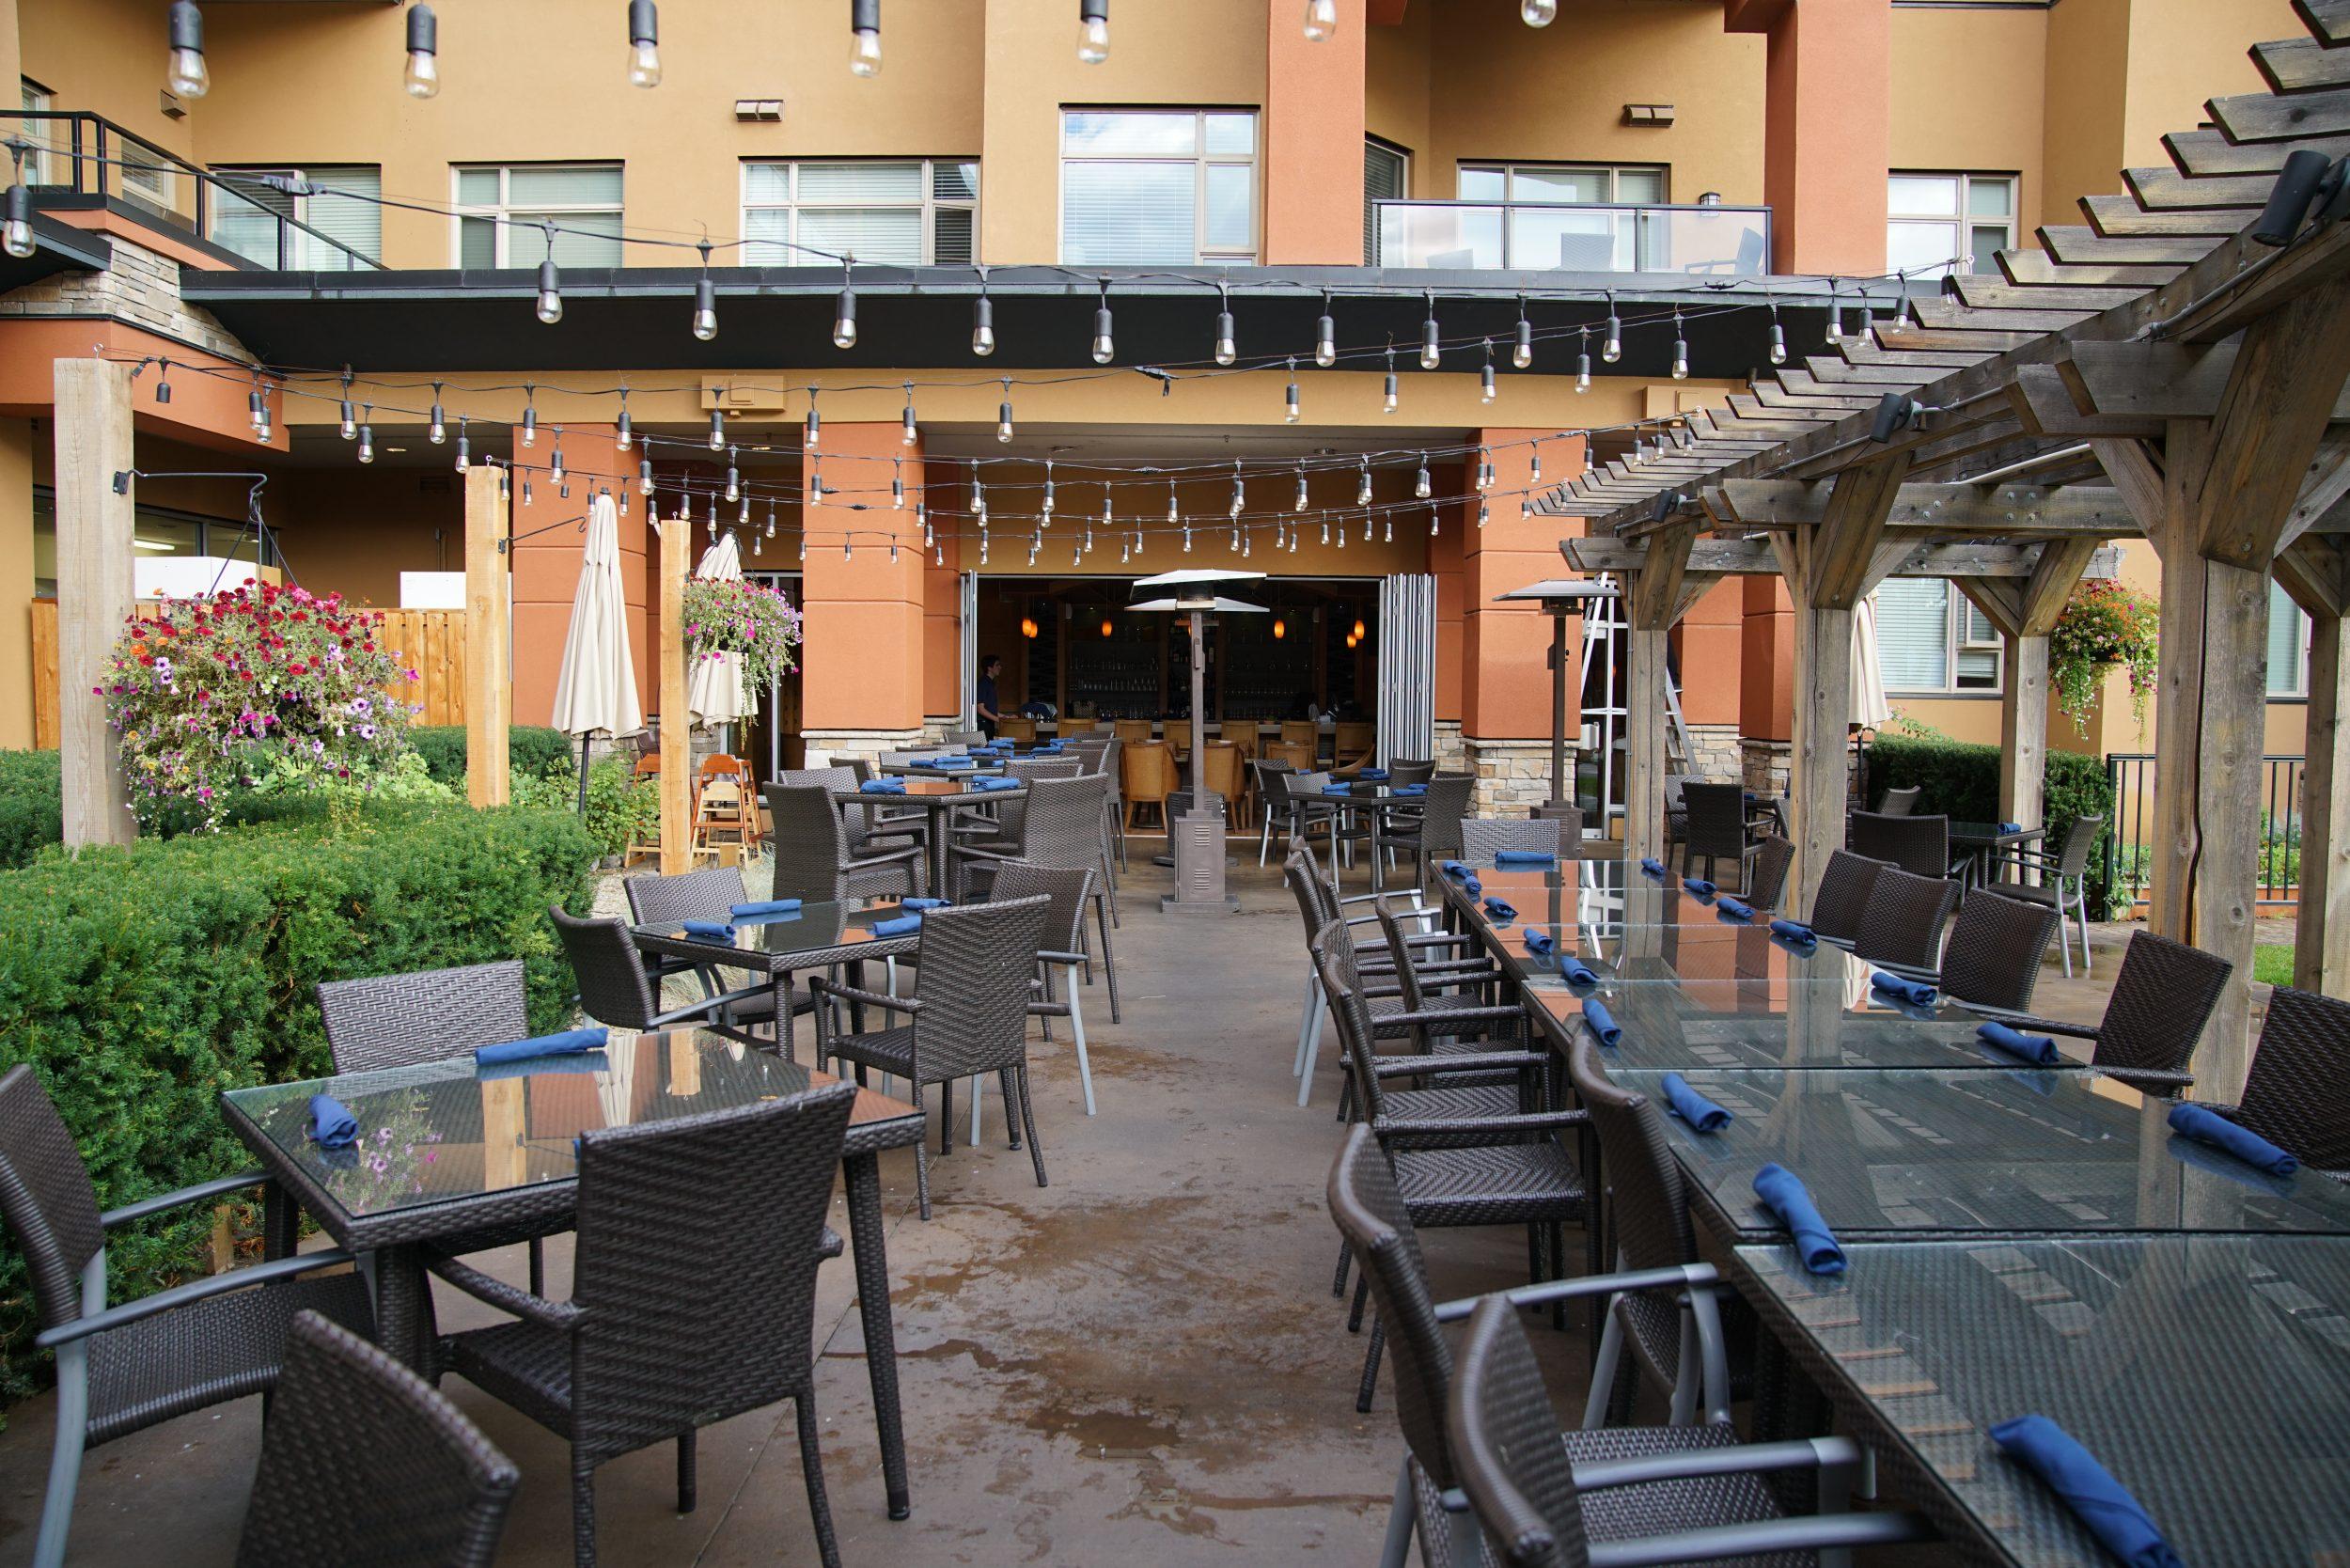 Restaurant at the Watermark Beach Resort